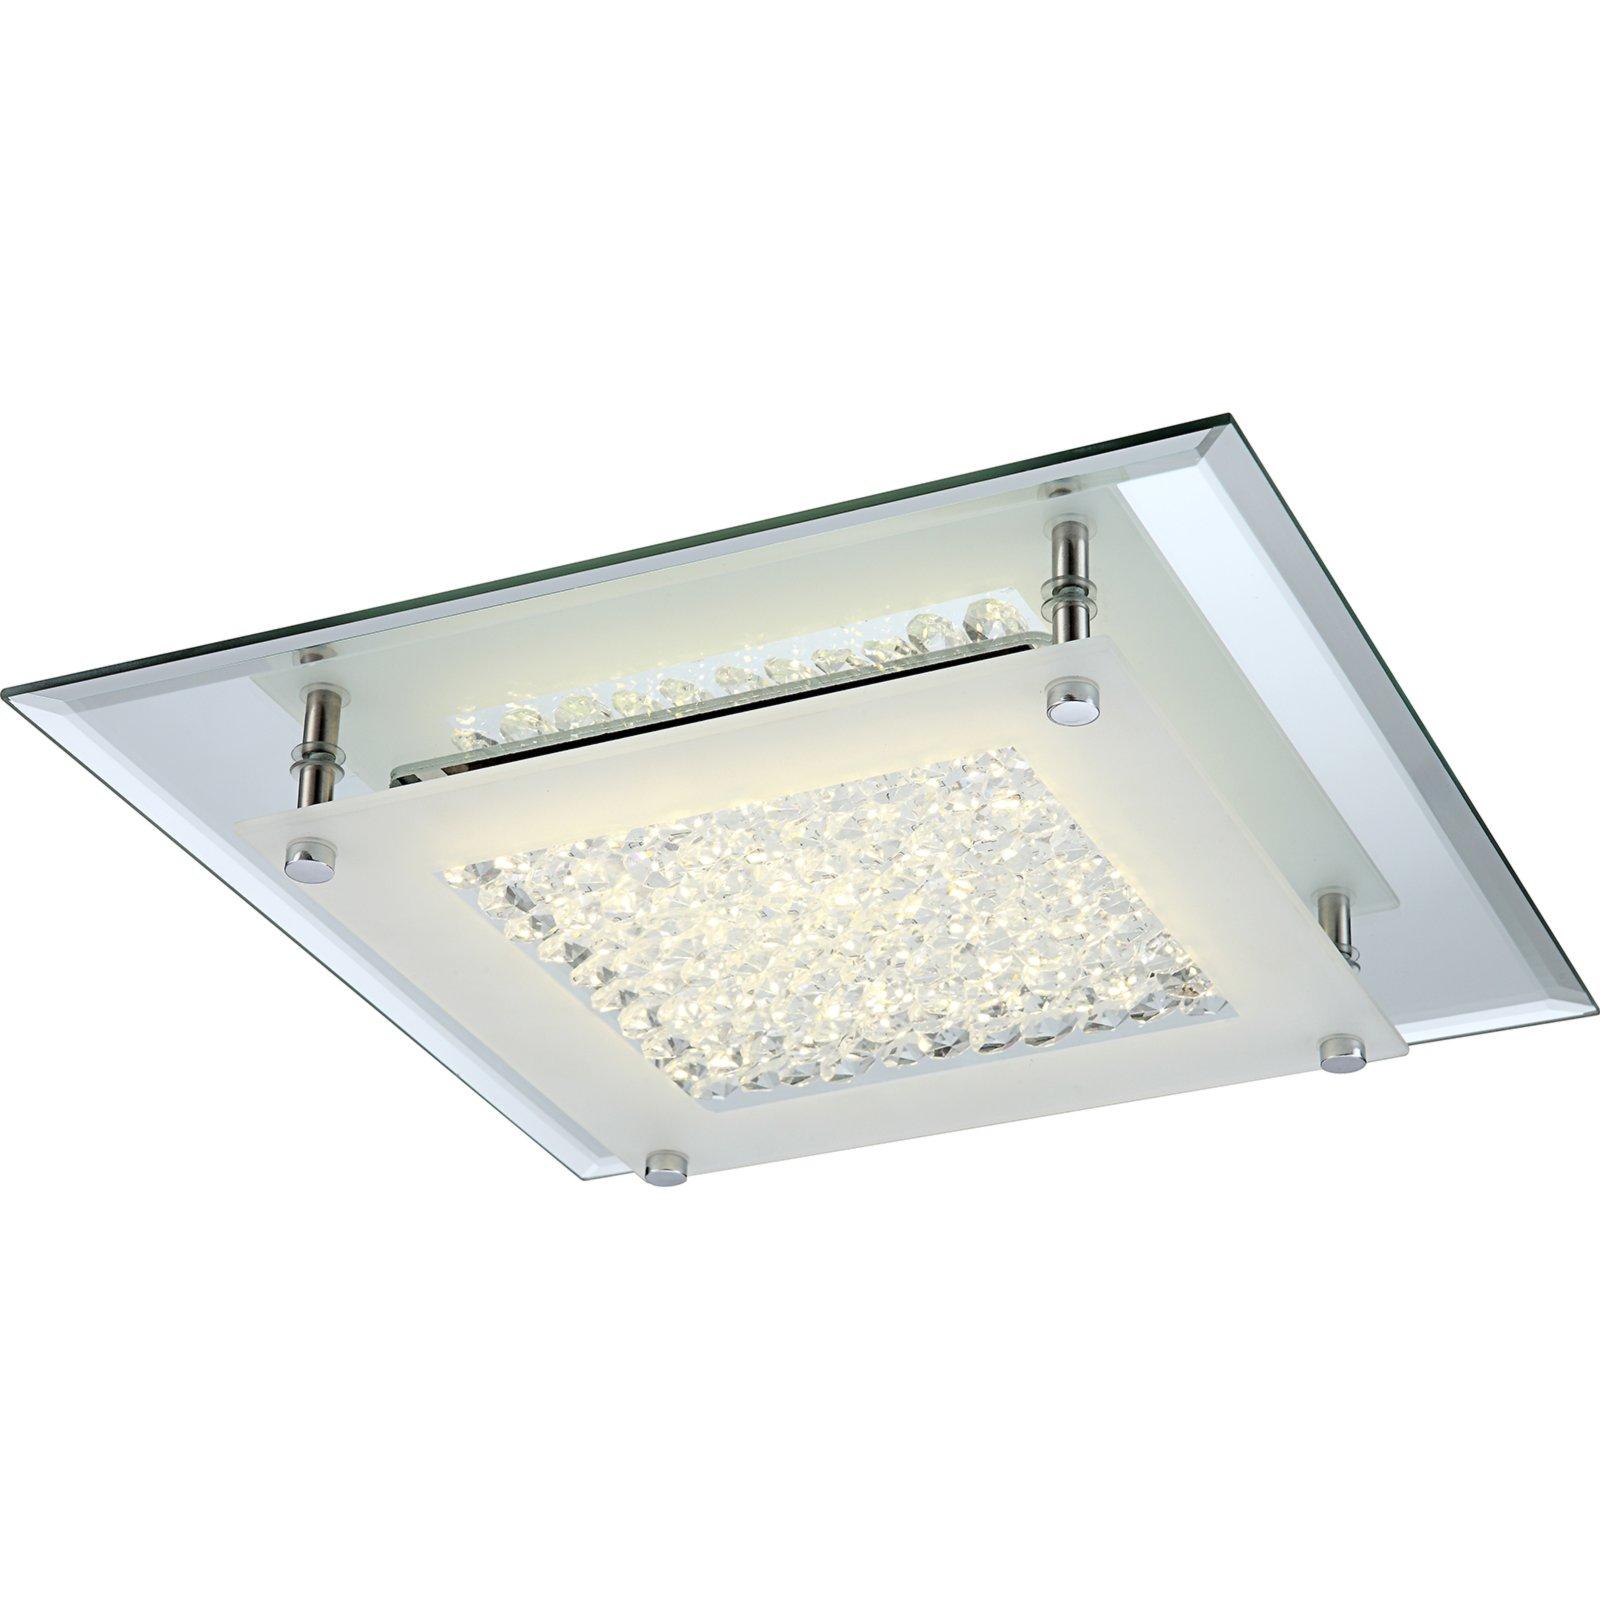 Led deckenleuchte chrom glaskristalle led for Lampen led deckenleuchten